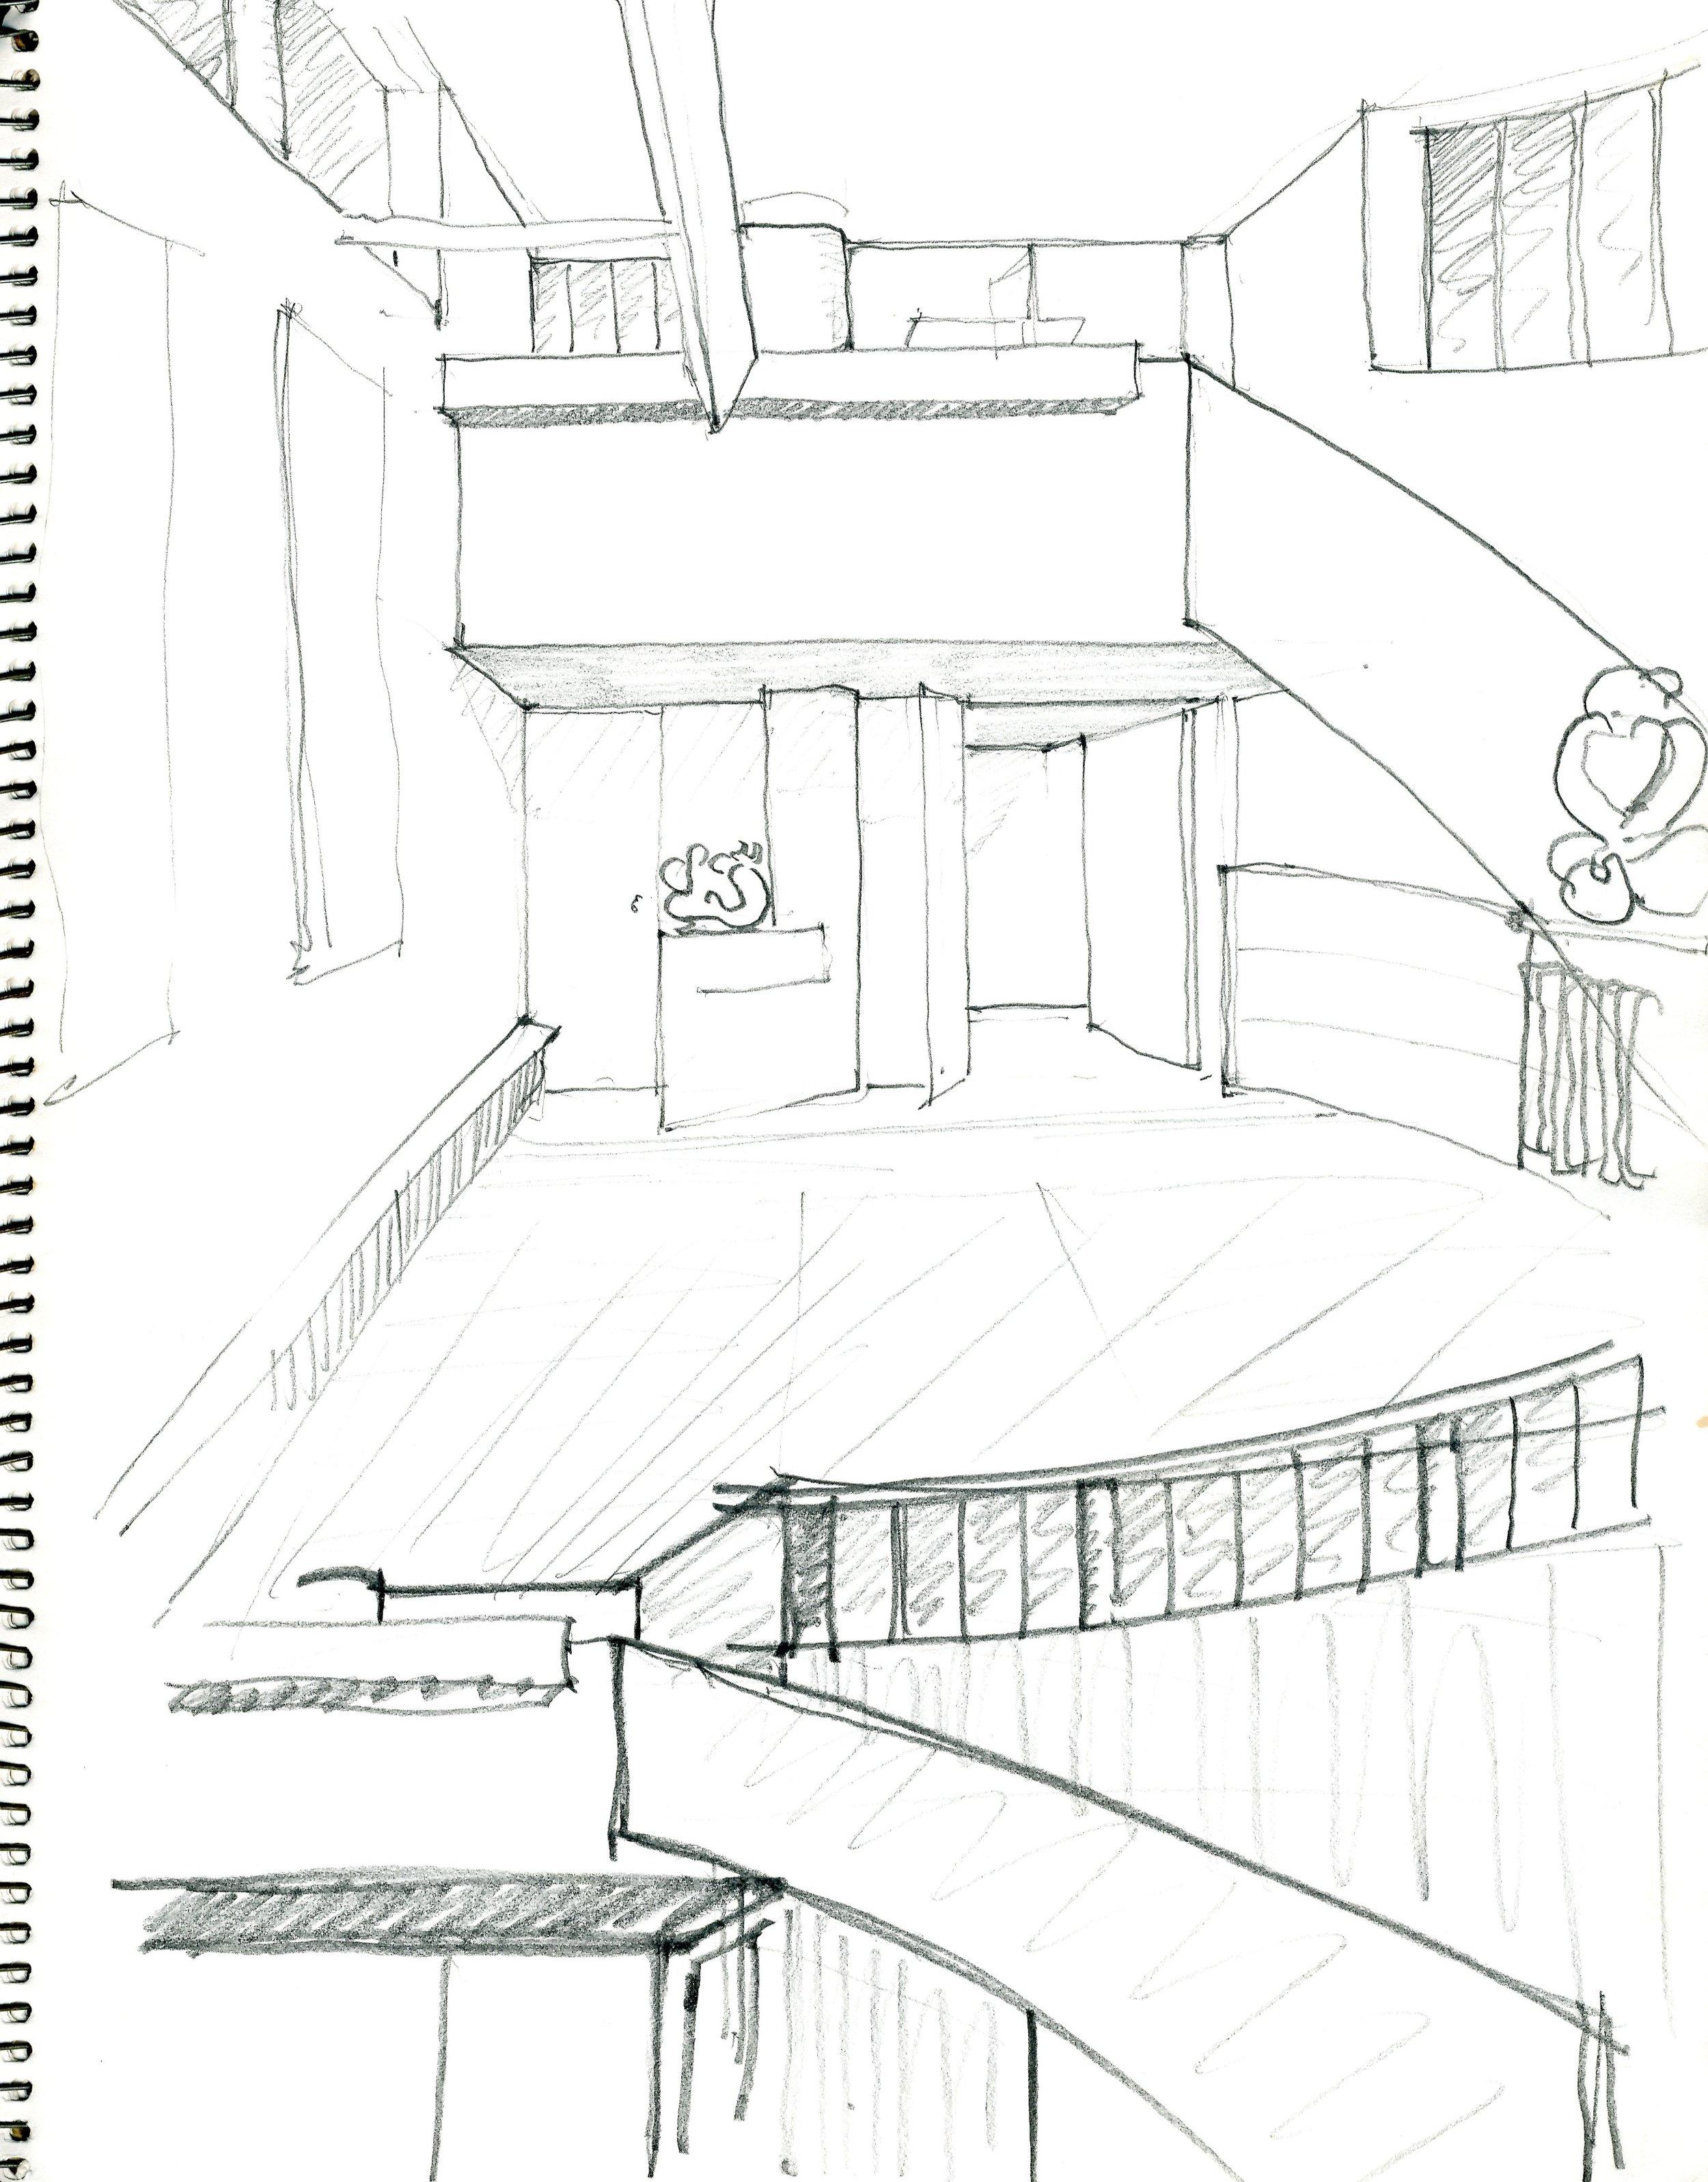 paris-corbusier14.img089.jpg